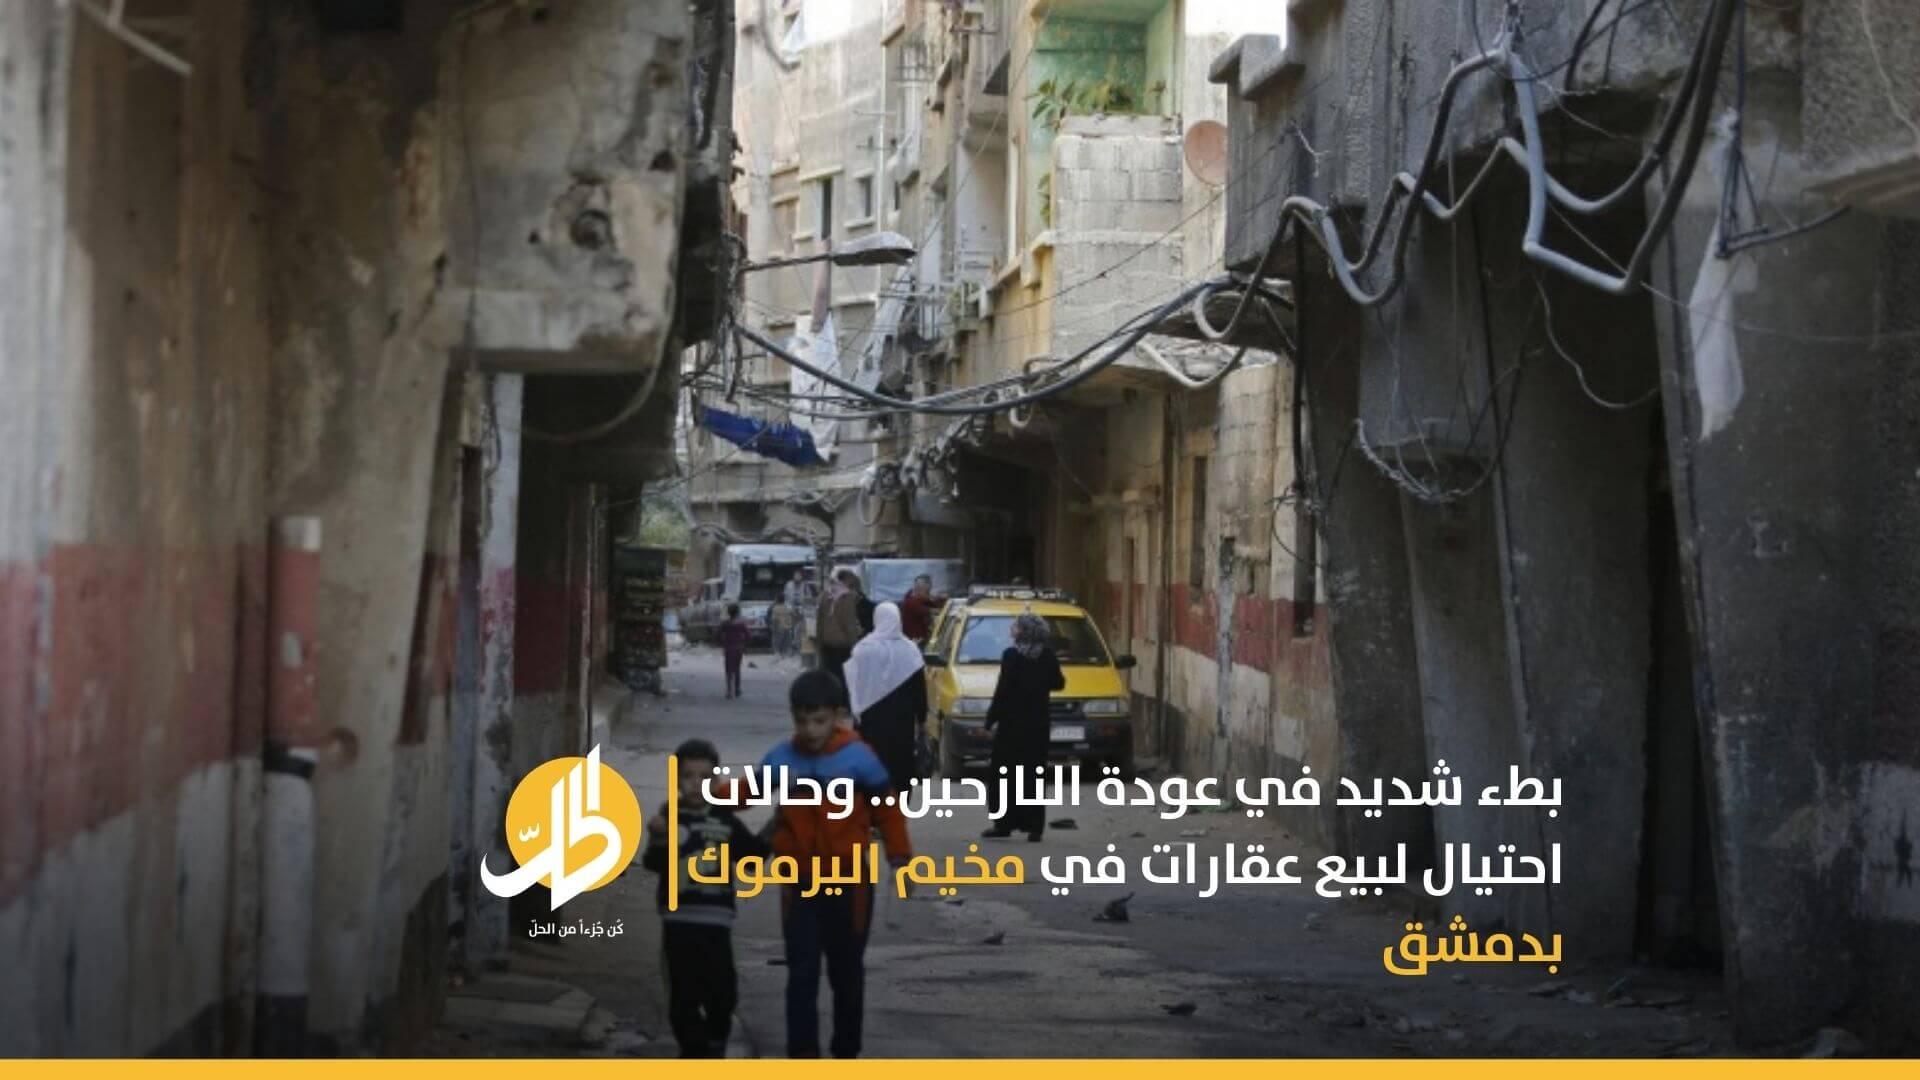 بطء شديد في عودة النازحين.. وحالات احتيال لبيع عقارات في مخيم اليرموك بدمشق